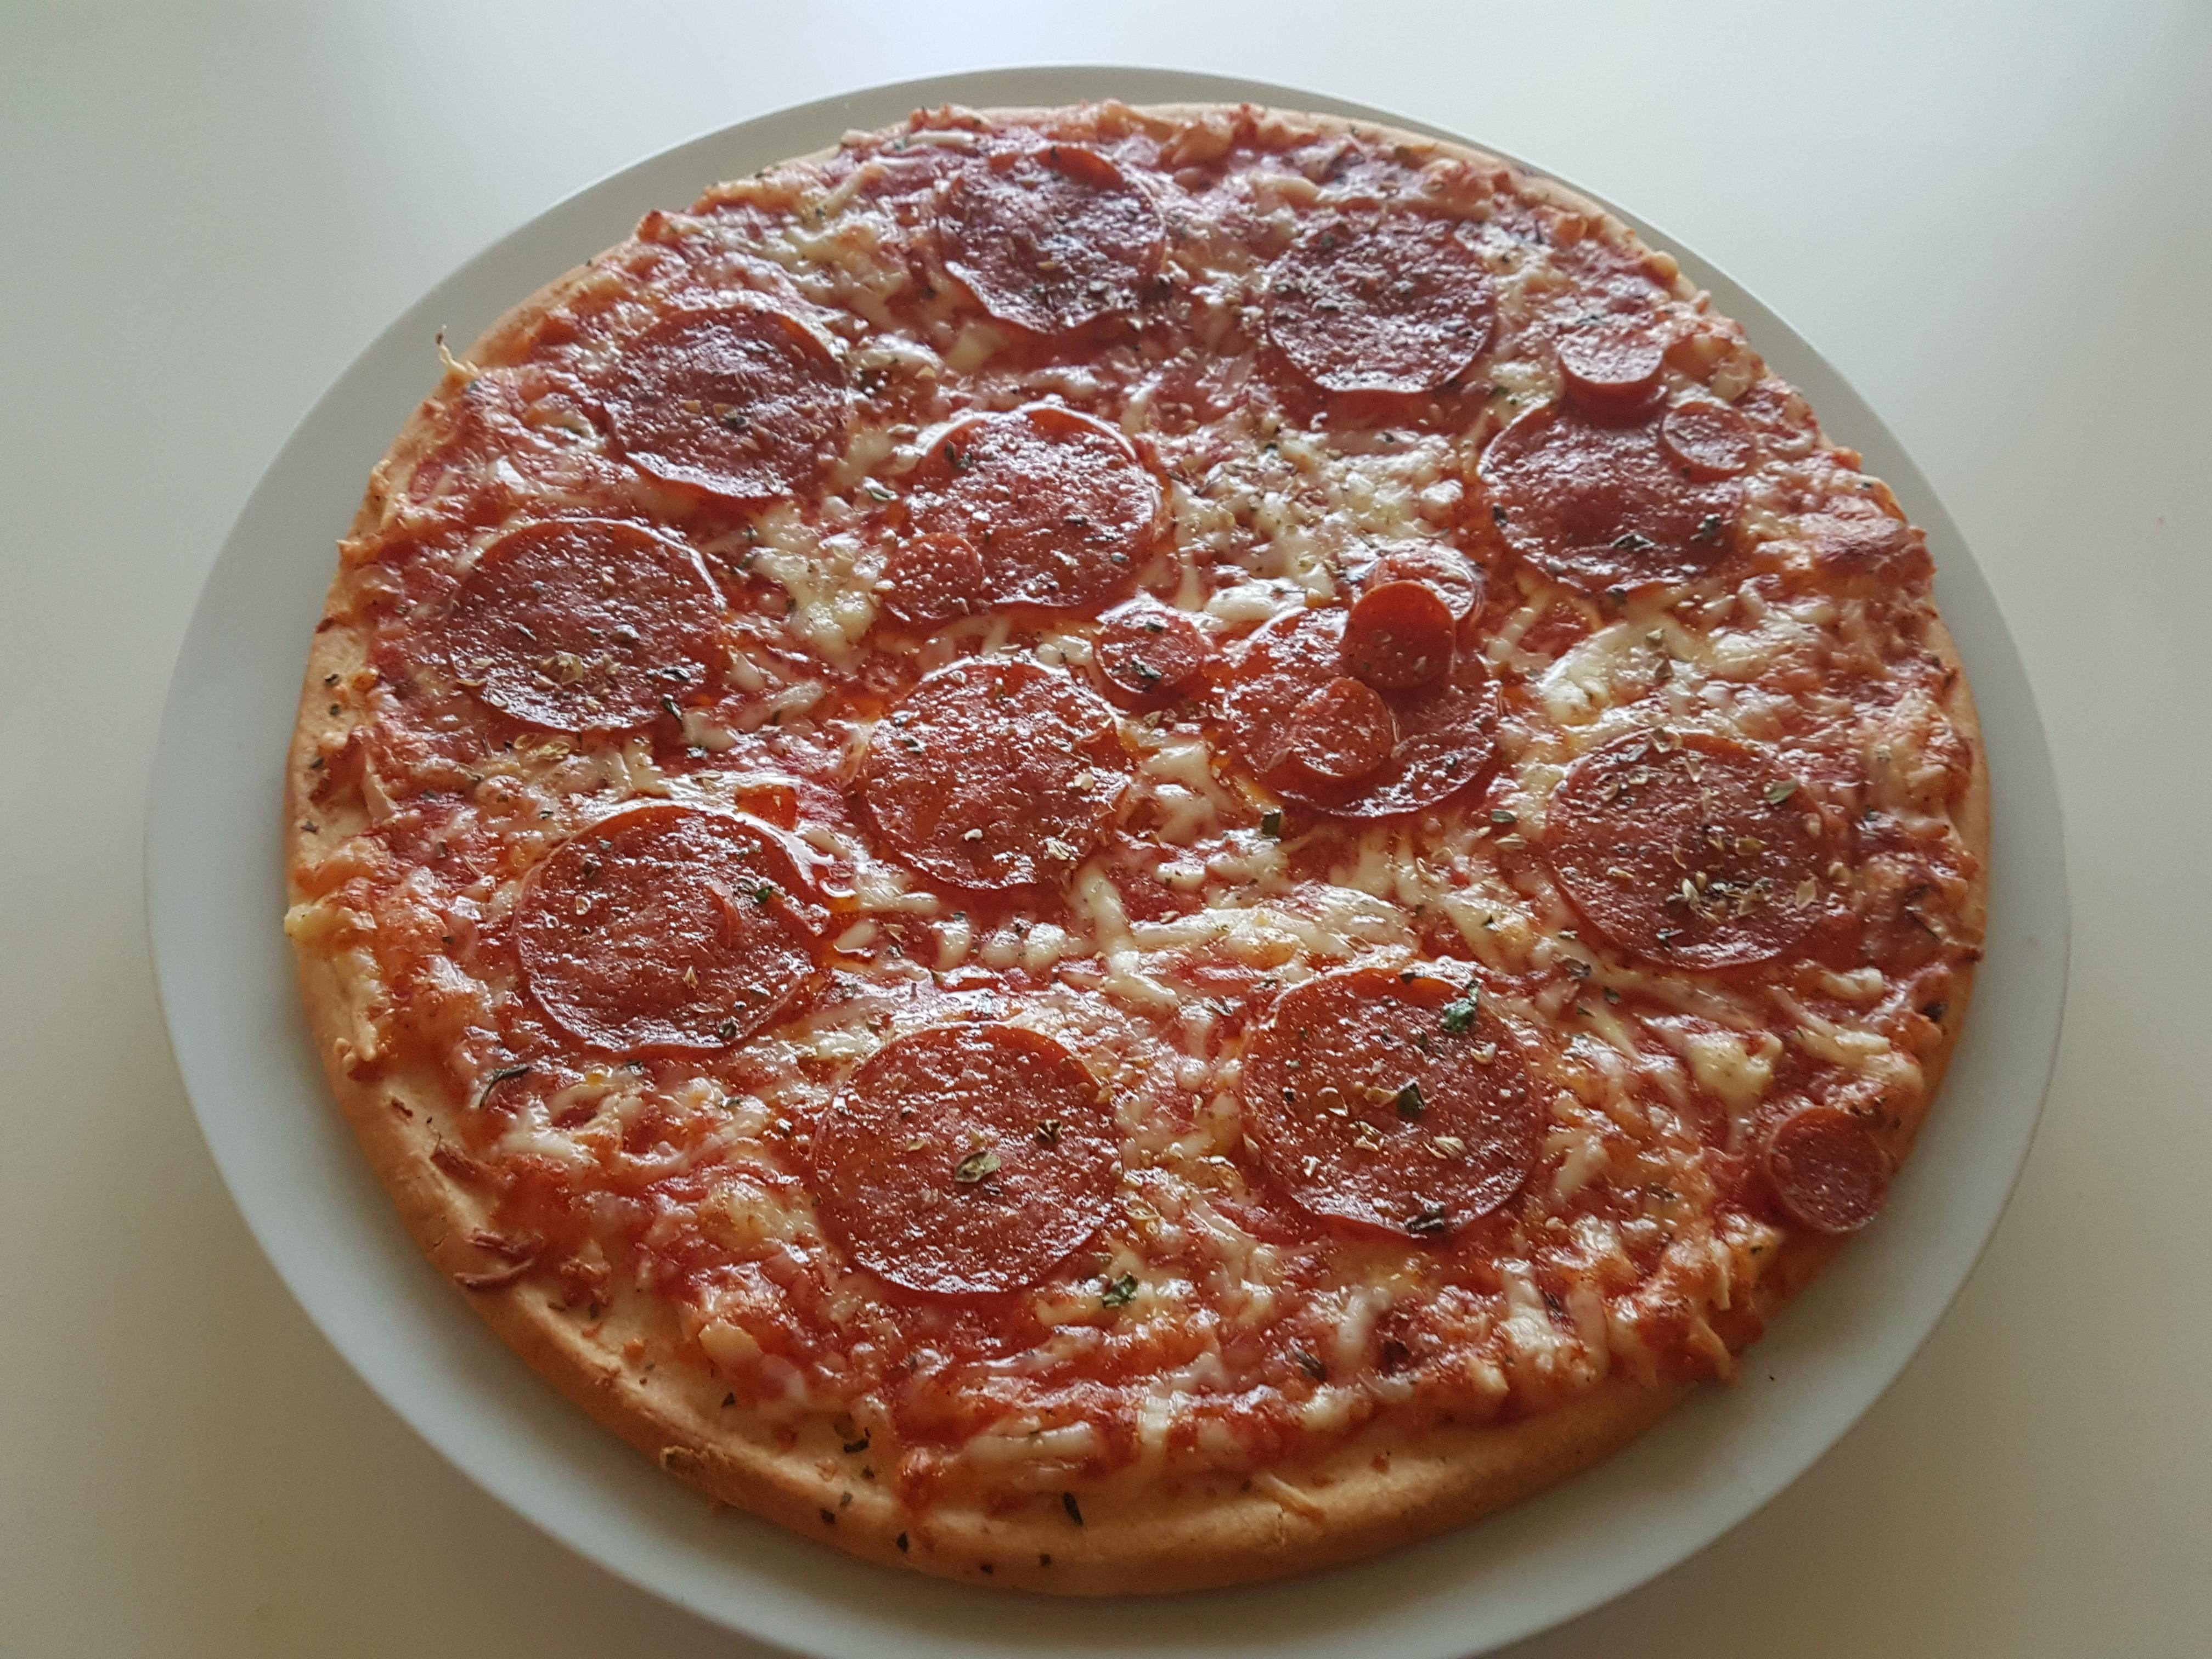 https://foodloader.net/Holz_2019-10-23_Pizza.jpg